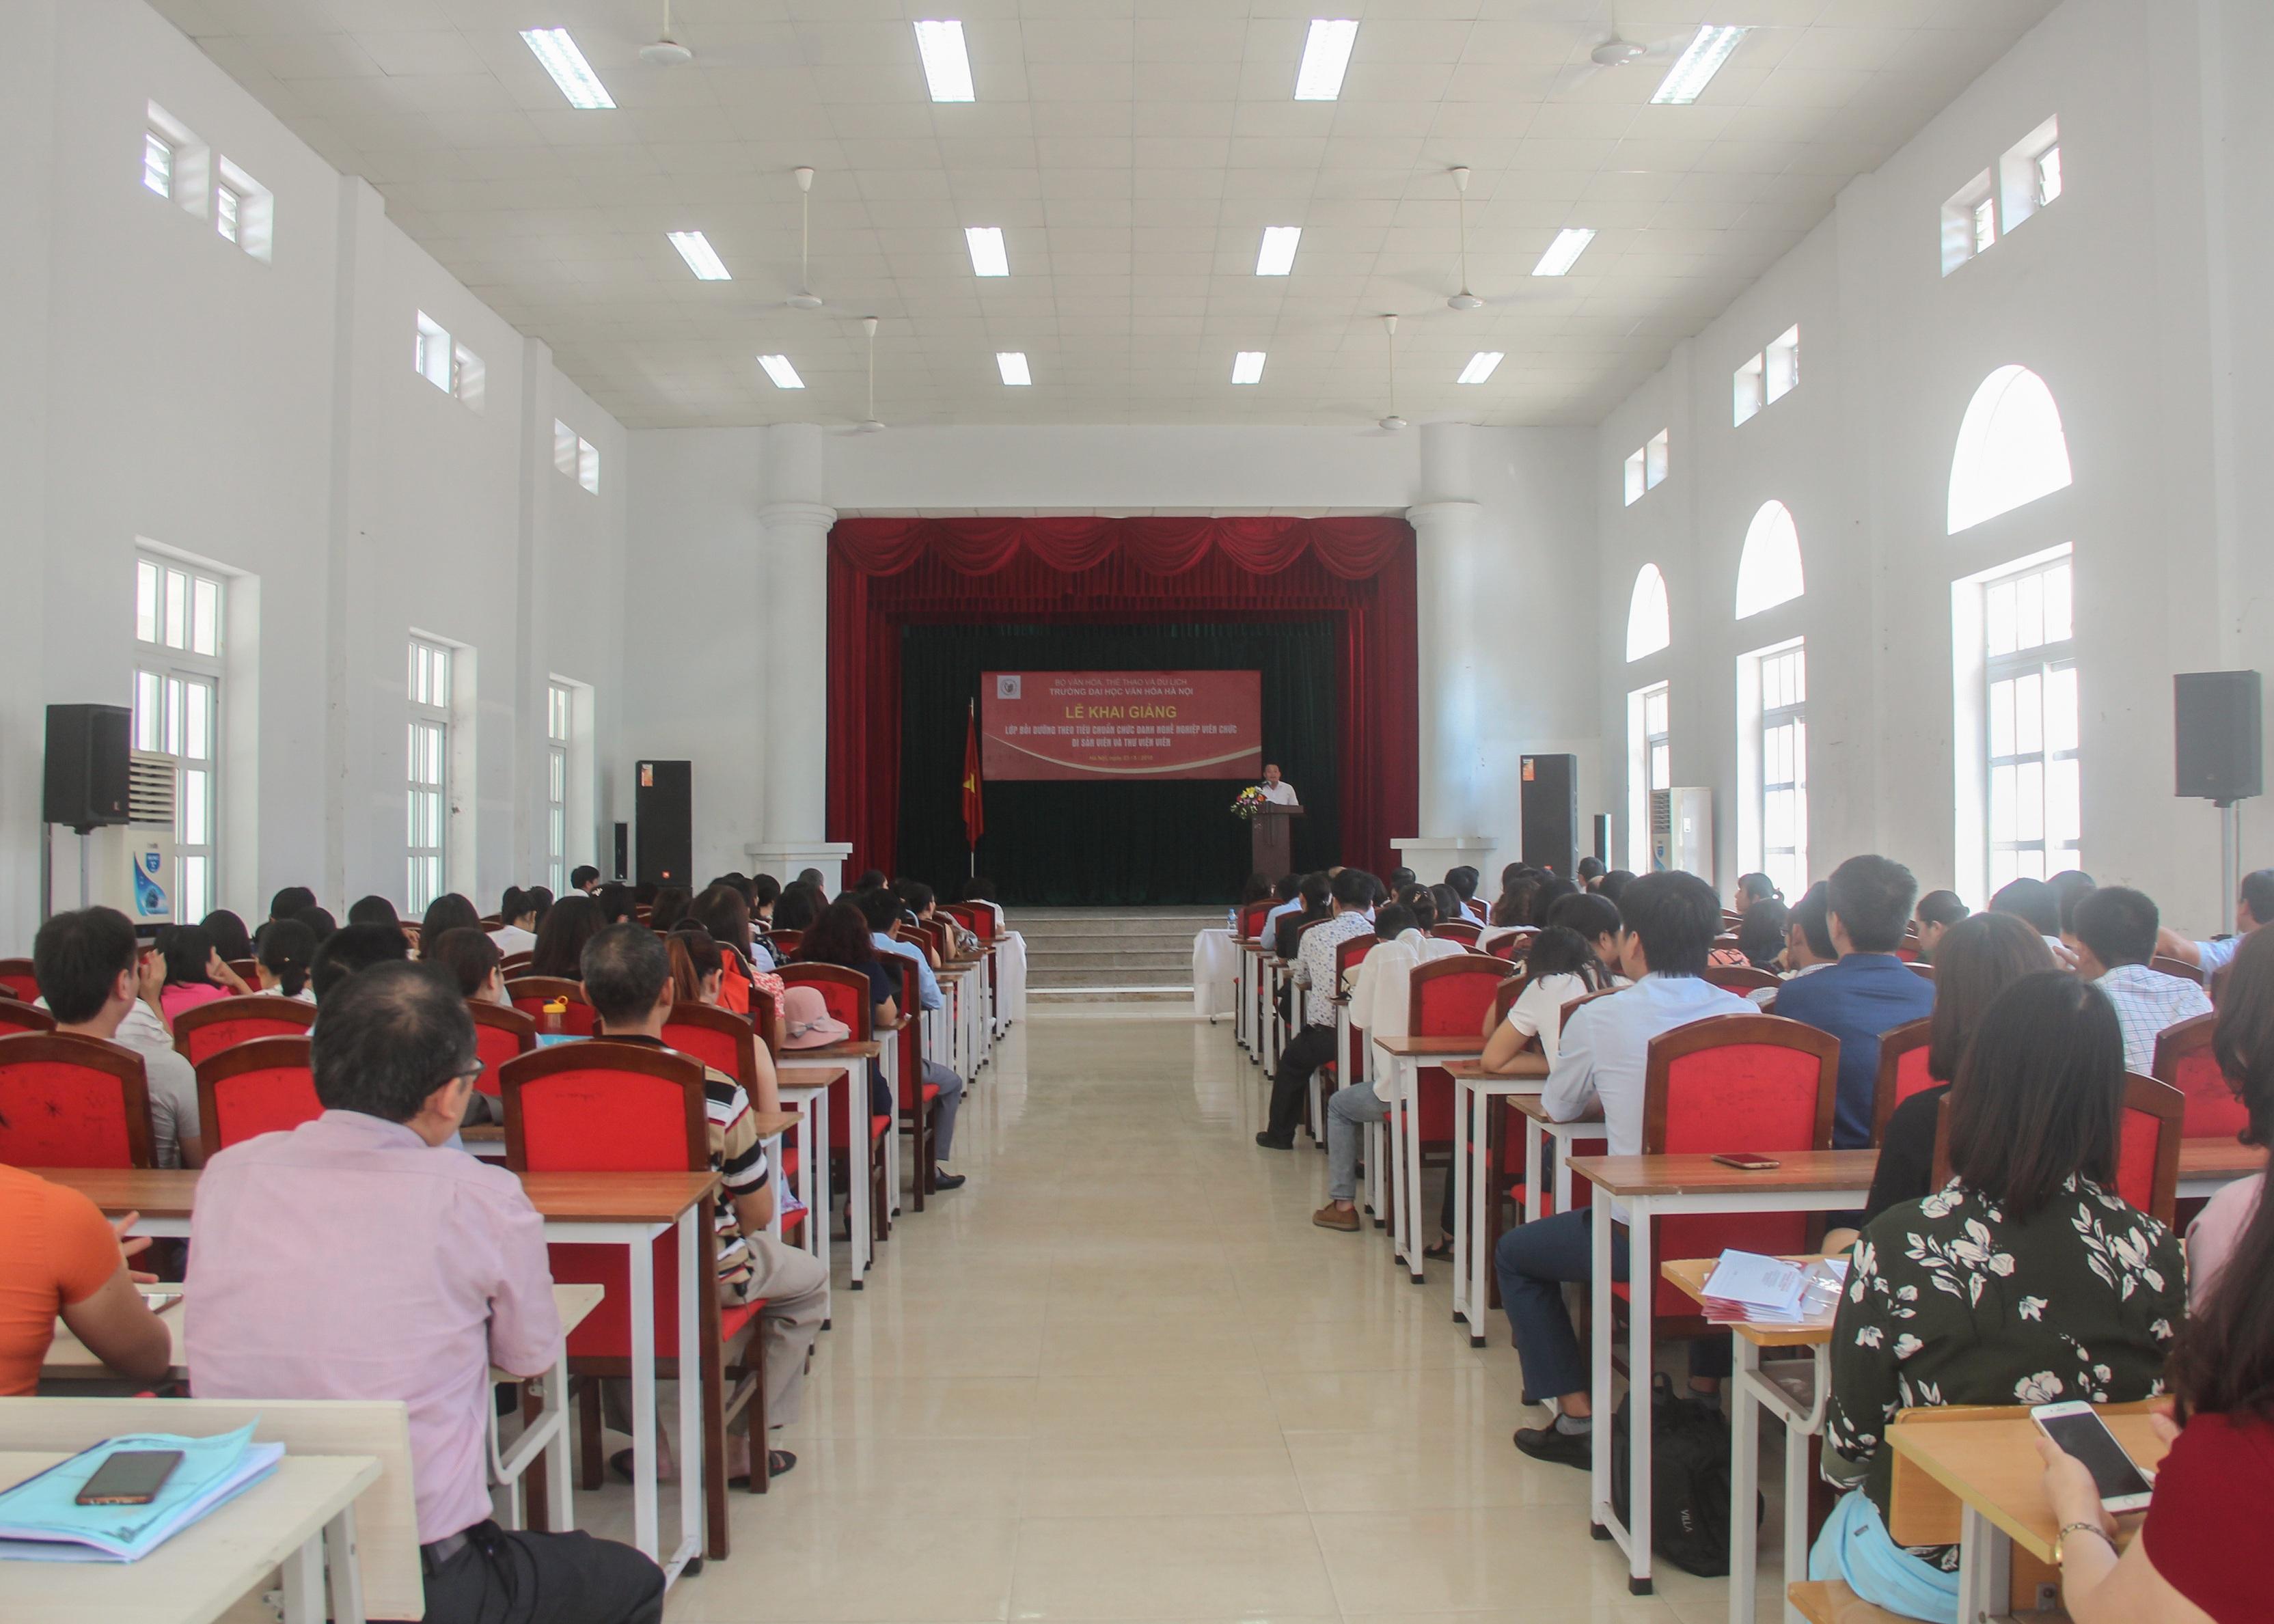 Lễ khai giảng lớp bồi dưỡng theo tiêu chuẩn chức danh nghề nghiệp viên chức Di sản viên và Thư viện viên